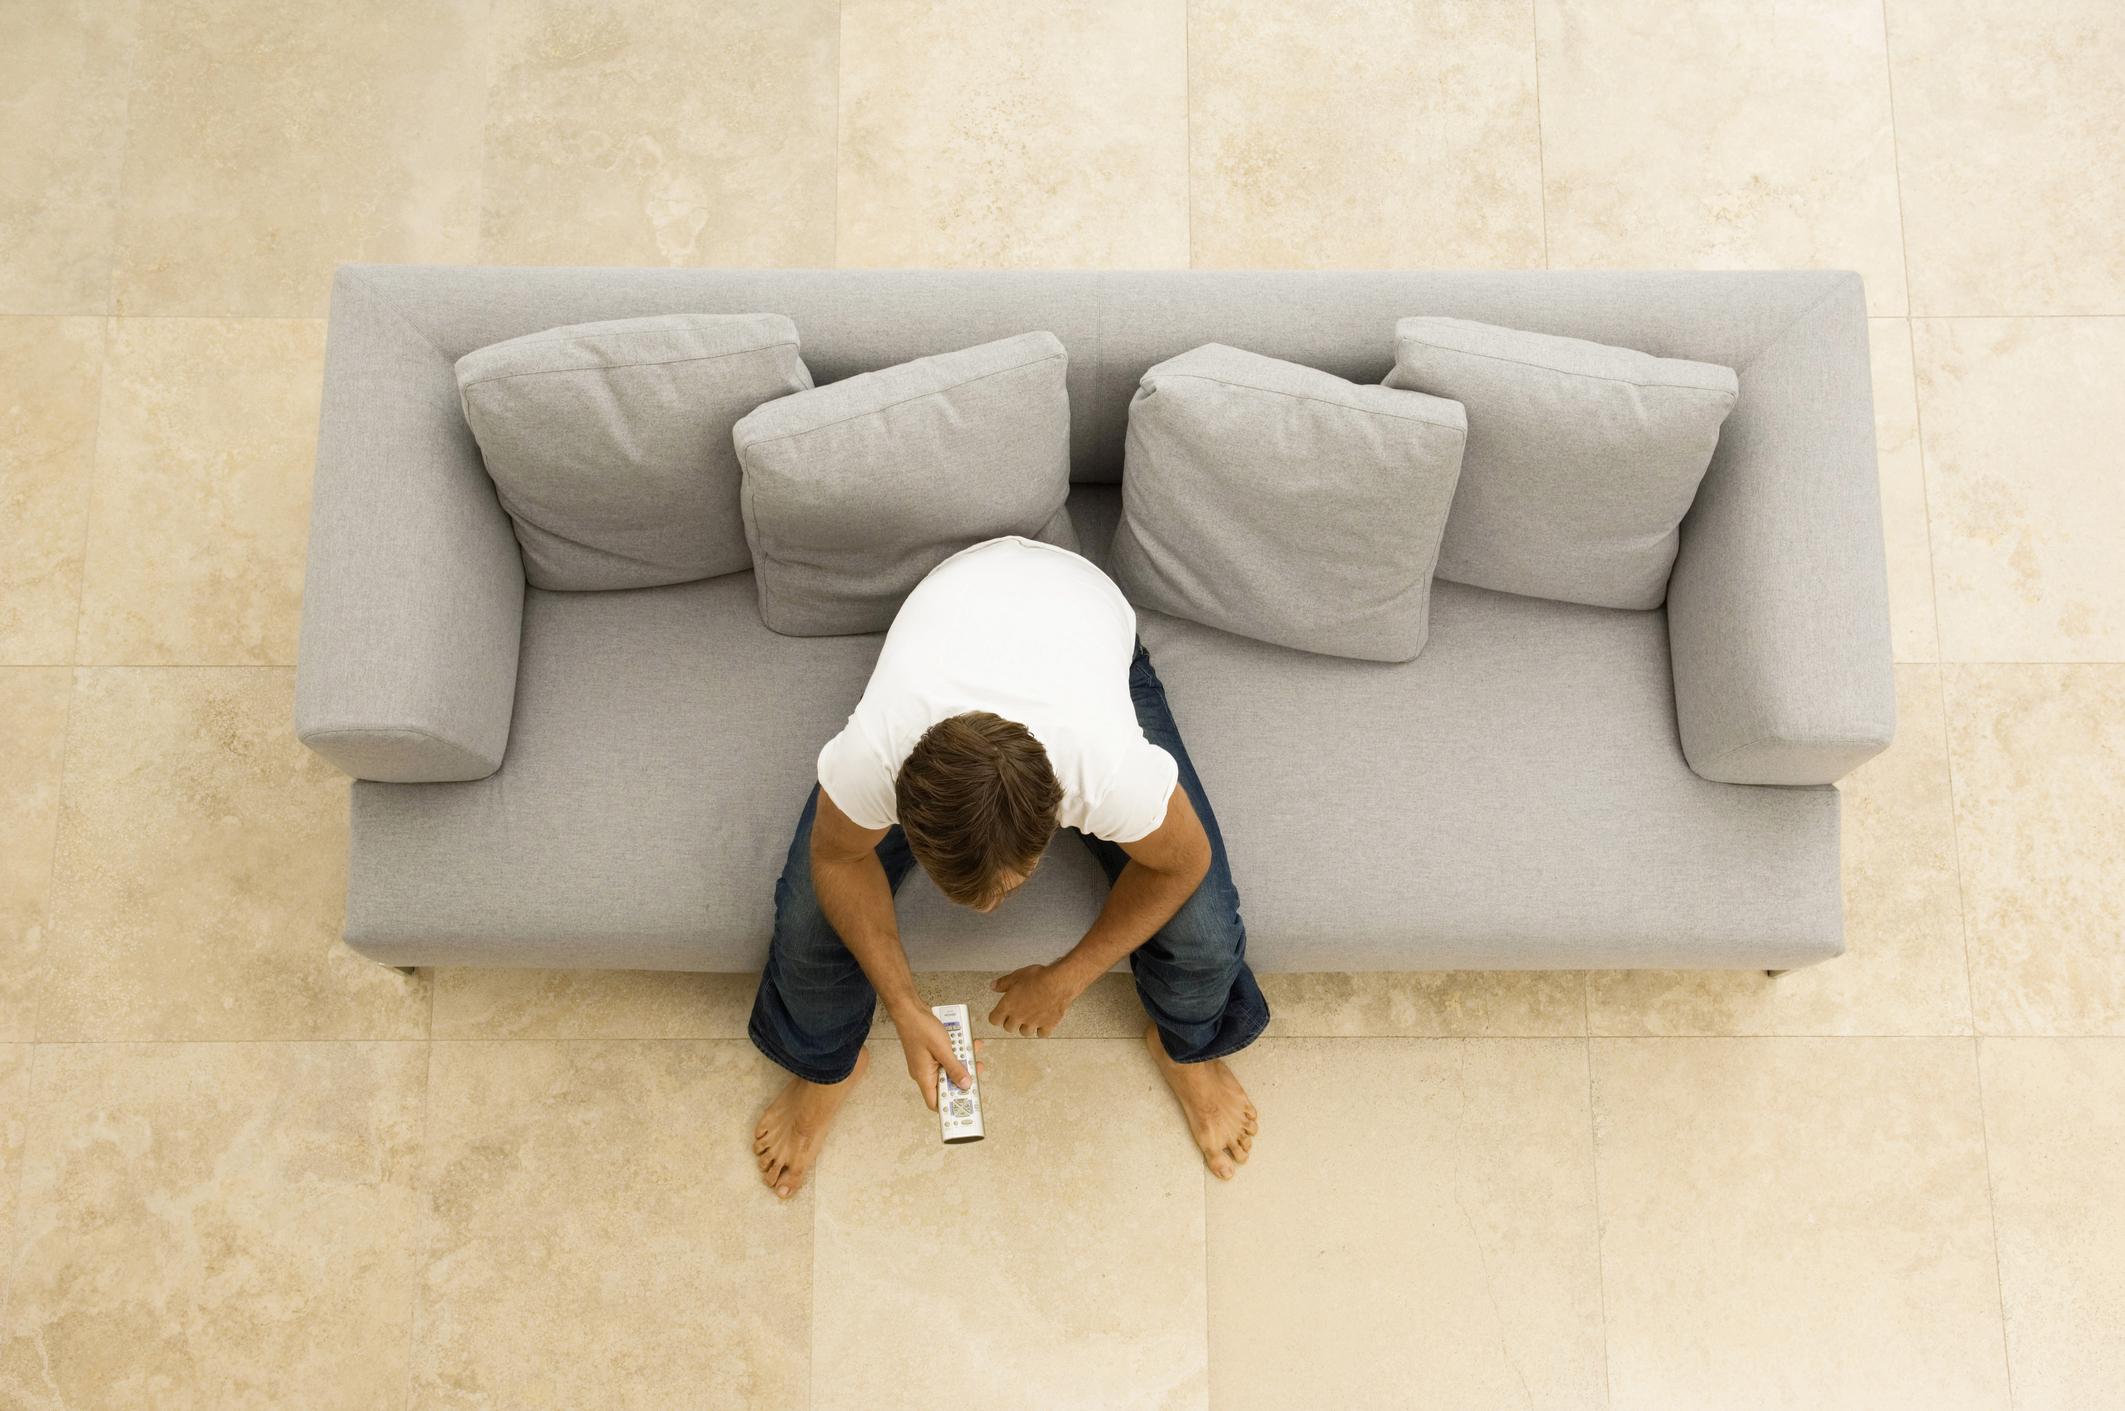 Ако имате повече пространство в стаята си, не слагайте мебелите залепени до стената. Разположете диваните в средата на стаята, поставете ги странично. Може да създадете две отделни пространства в стаята. Същото важи за шкафовете или бюфетите.